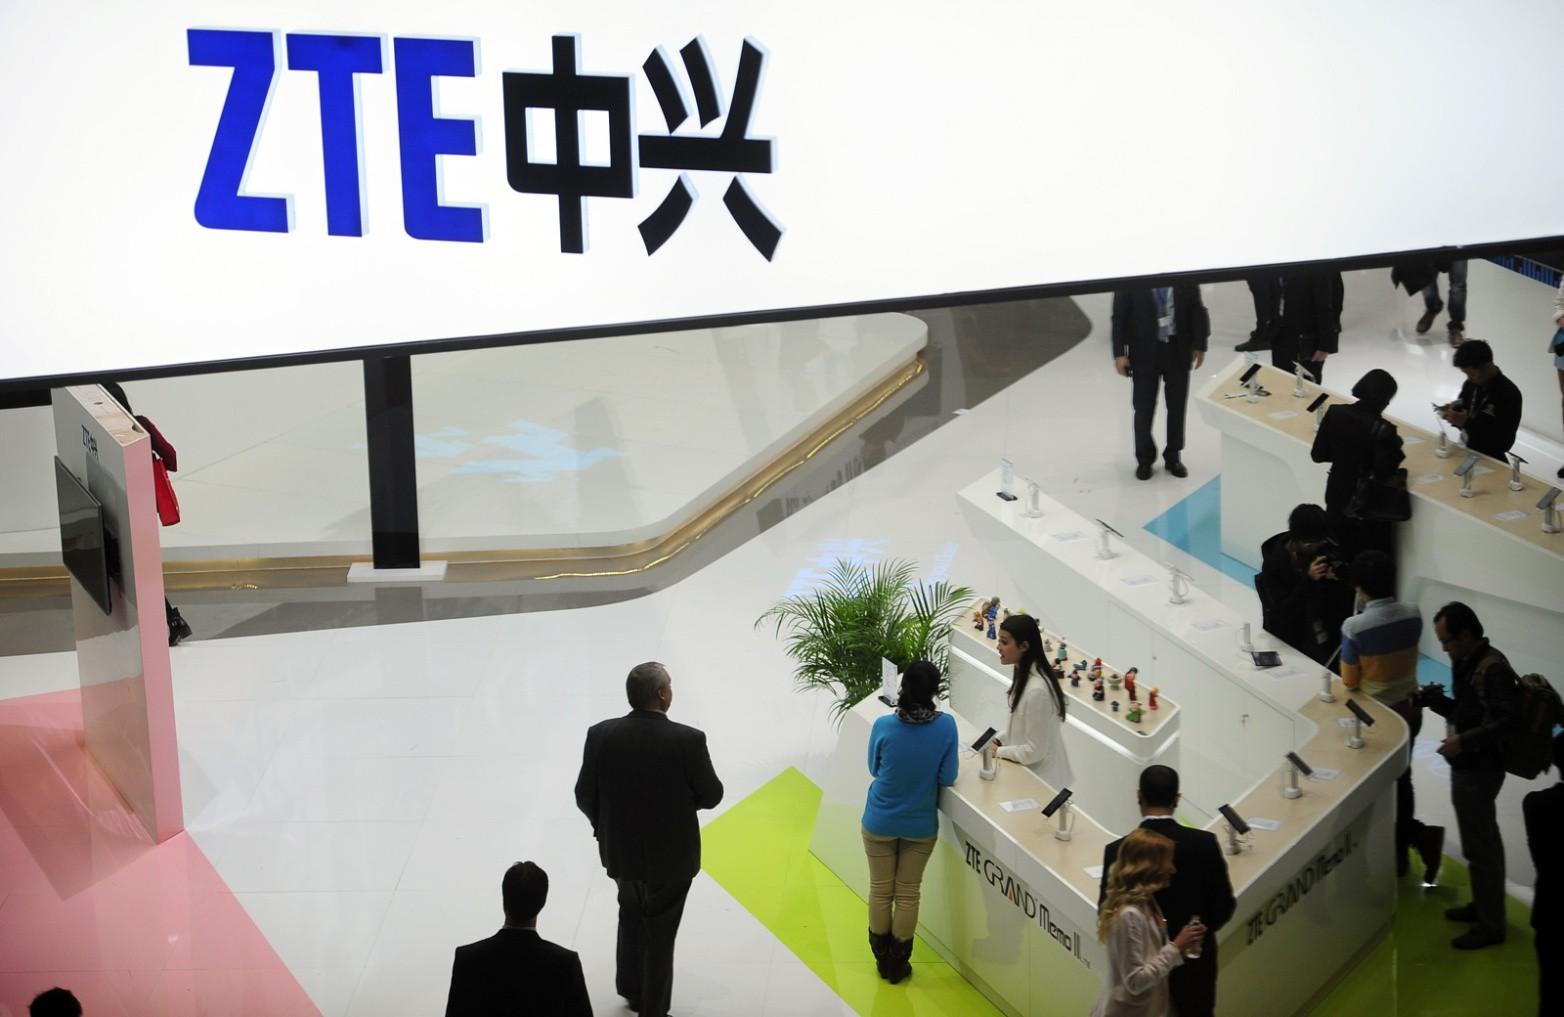 Mỹ 'cấm cửa' ZTE, cộng đồng Android bị ảnh hưởng